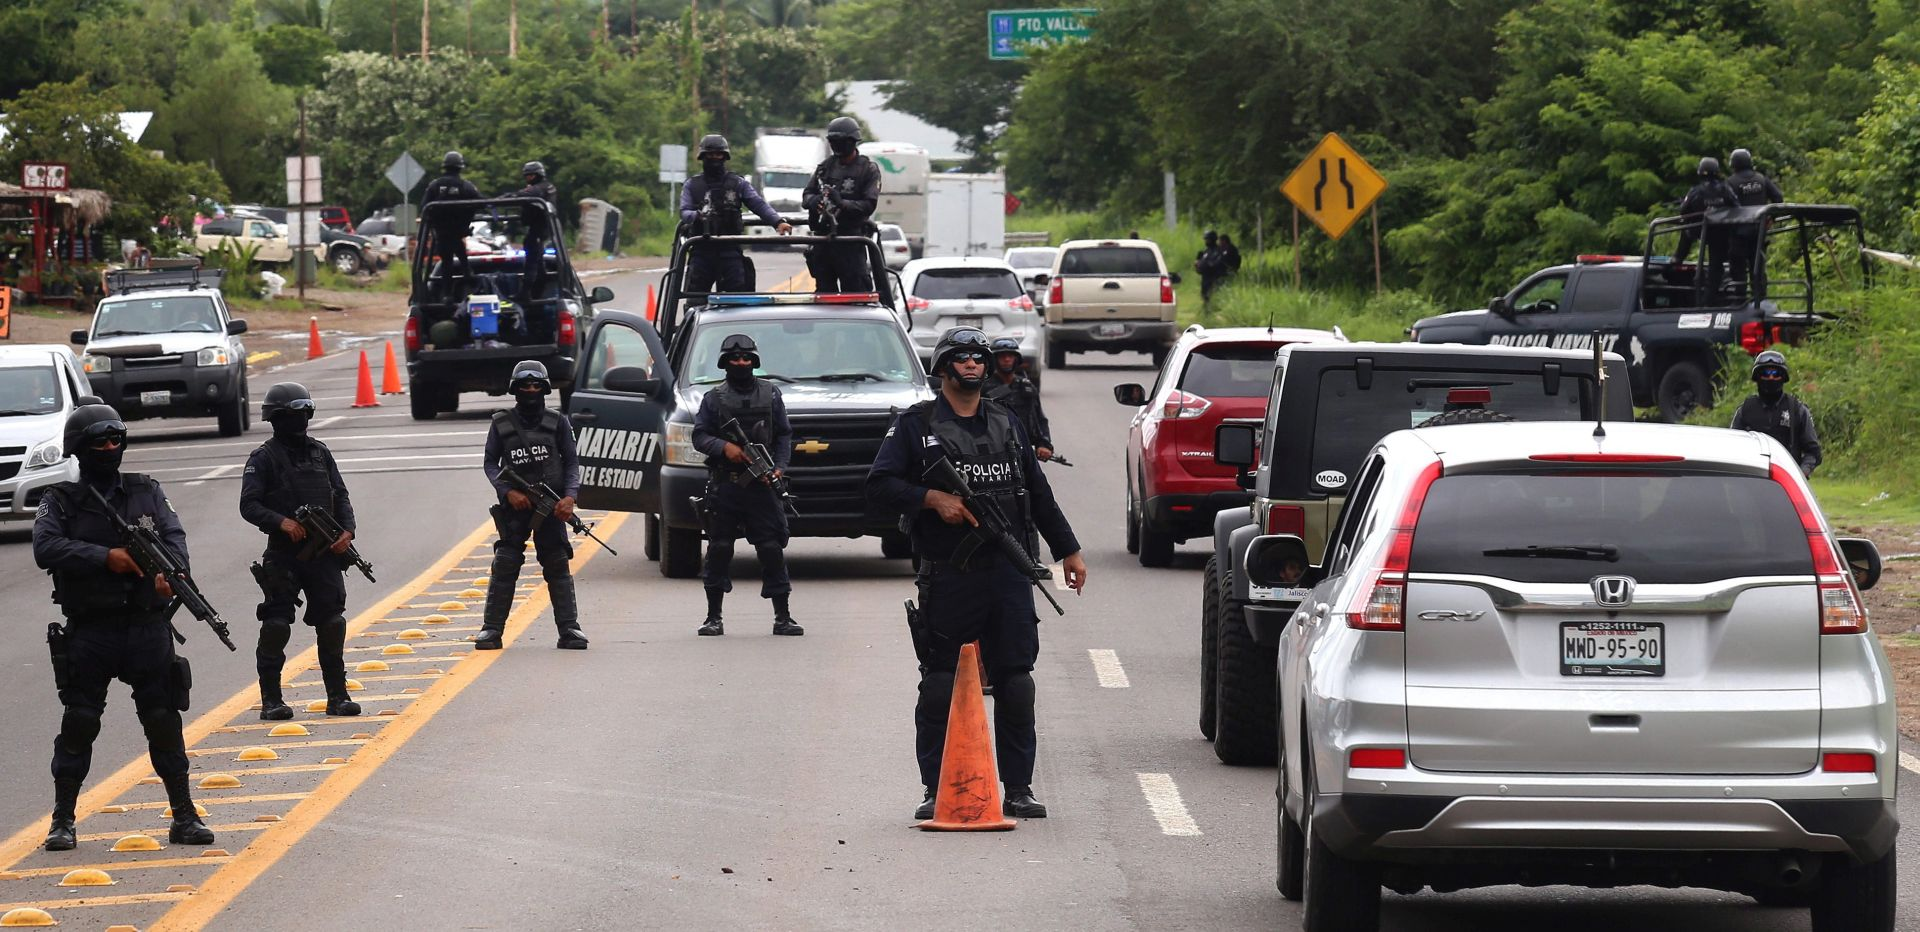 MEKSIKO Povjerenstvo za ljudska prava: Policija je smaknula 22 osobe i pokušala to zataškati